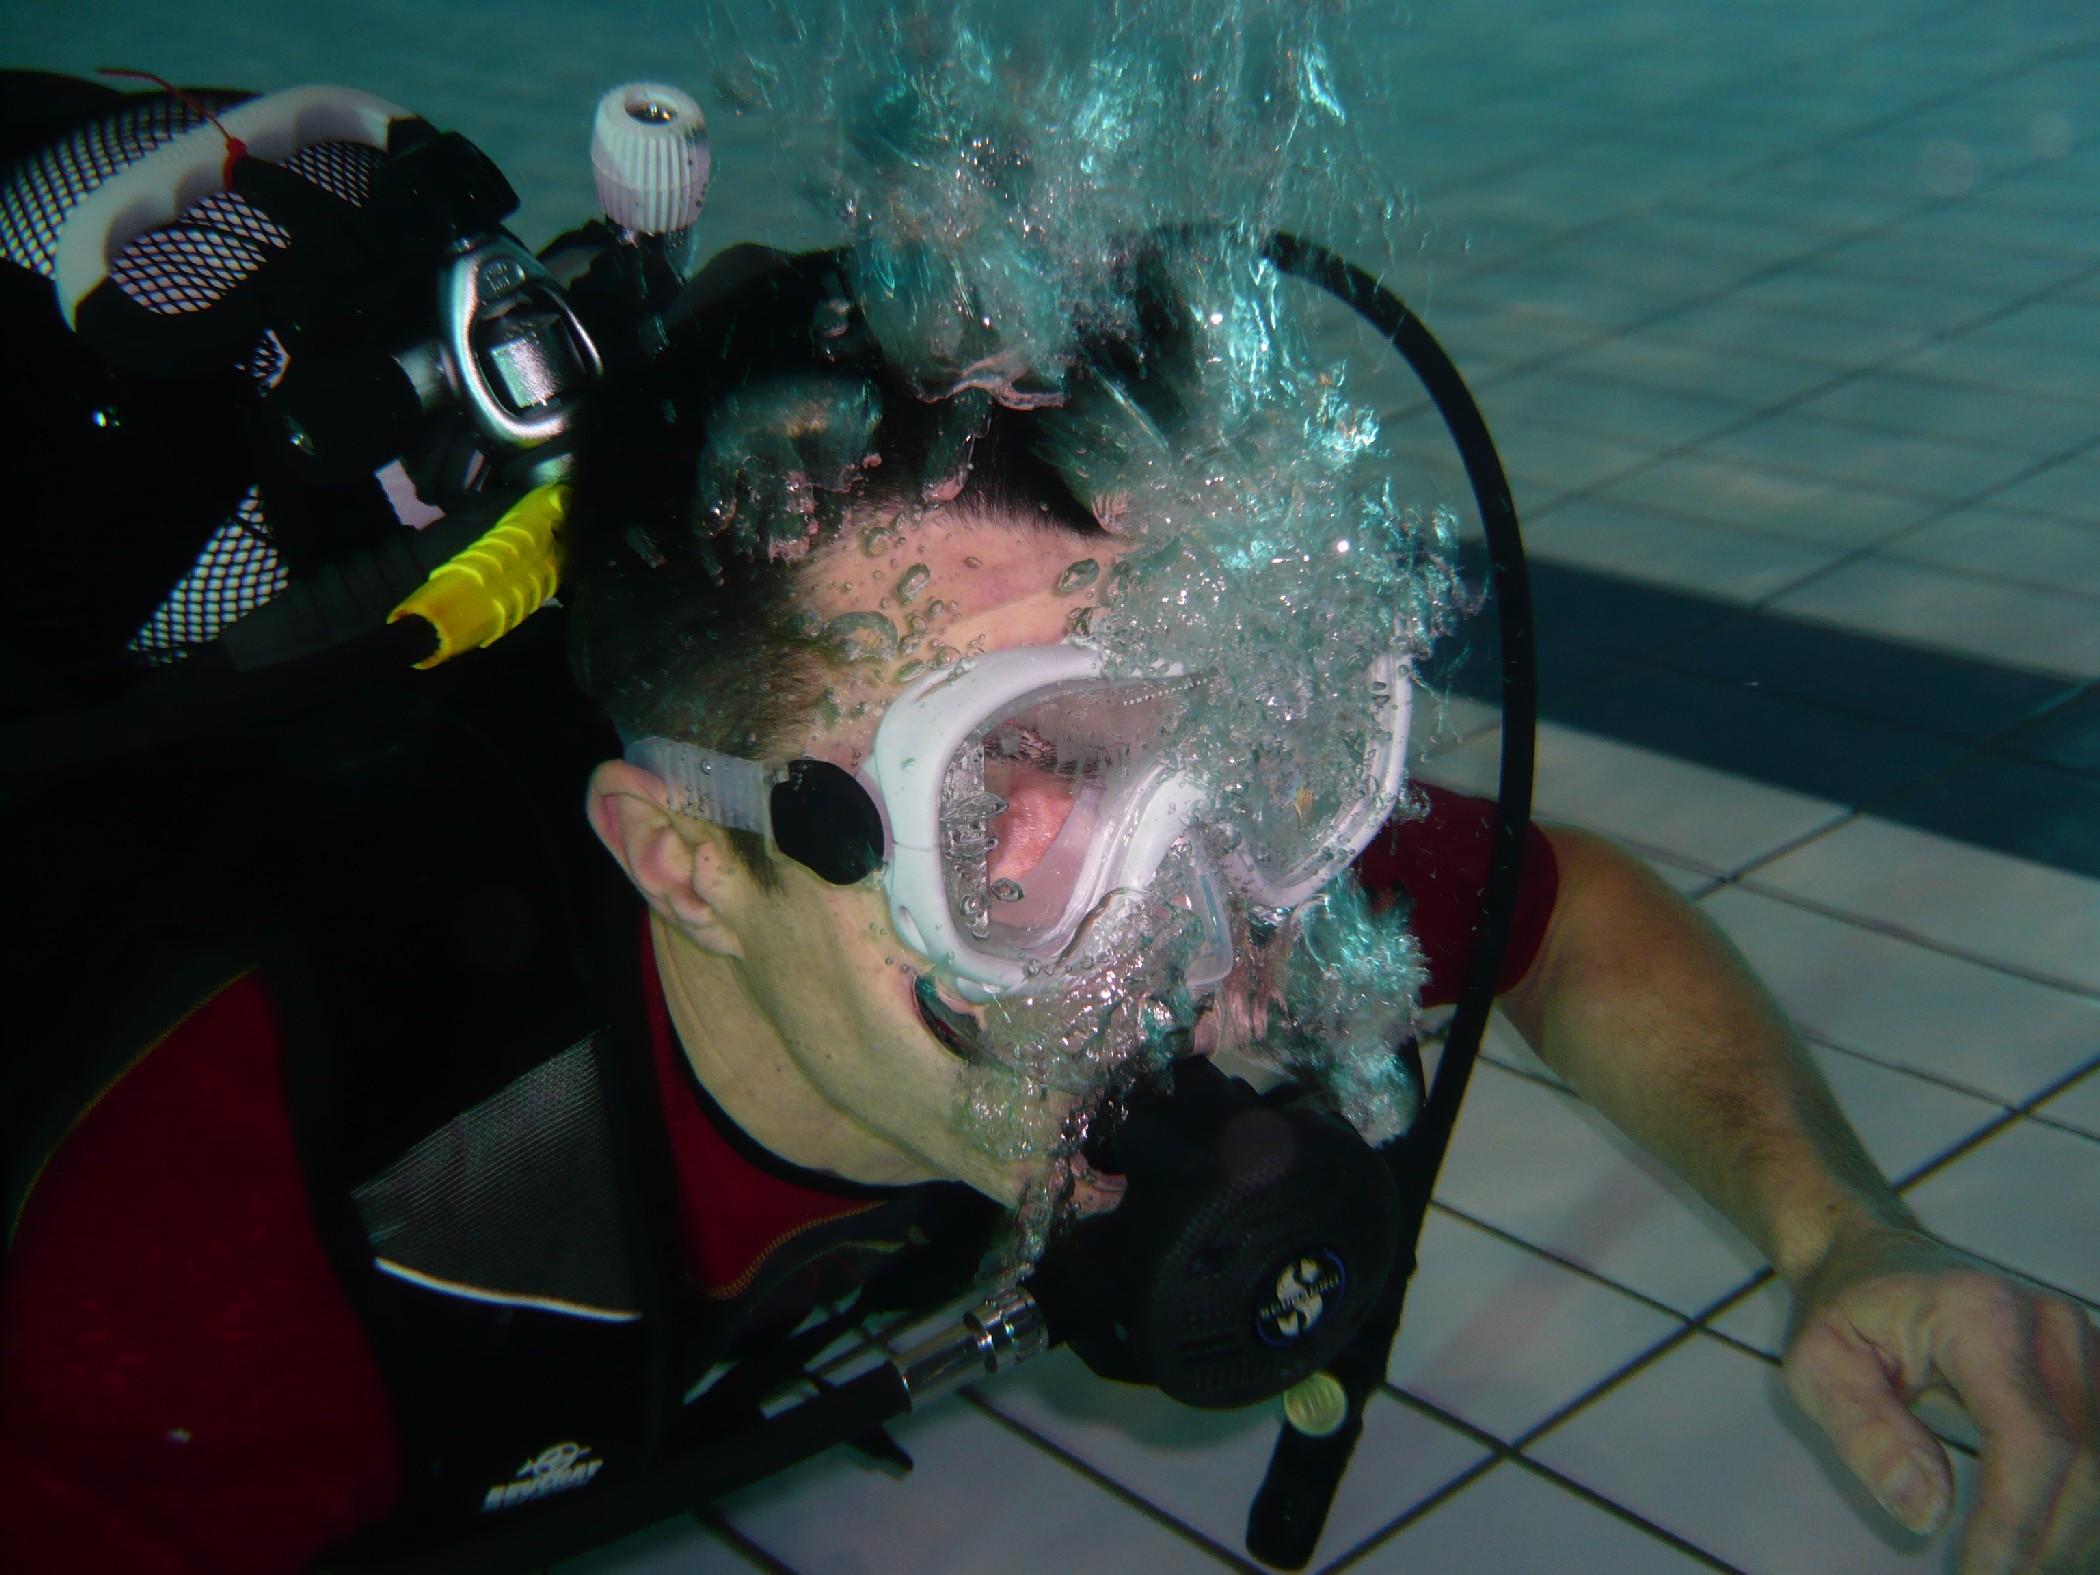 piscine-27-jan-2009-7